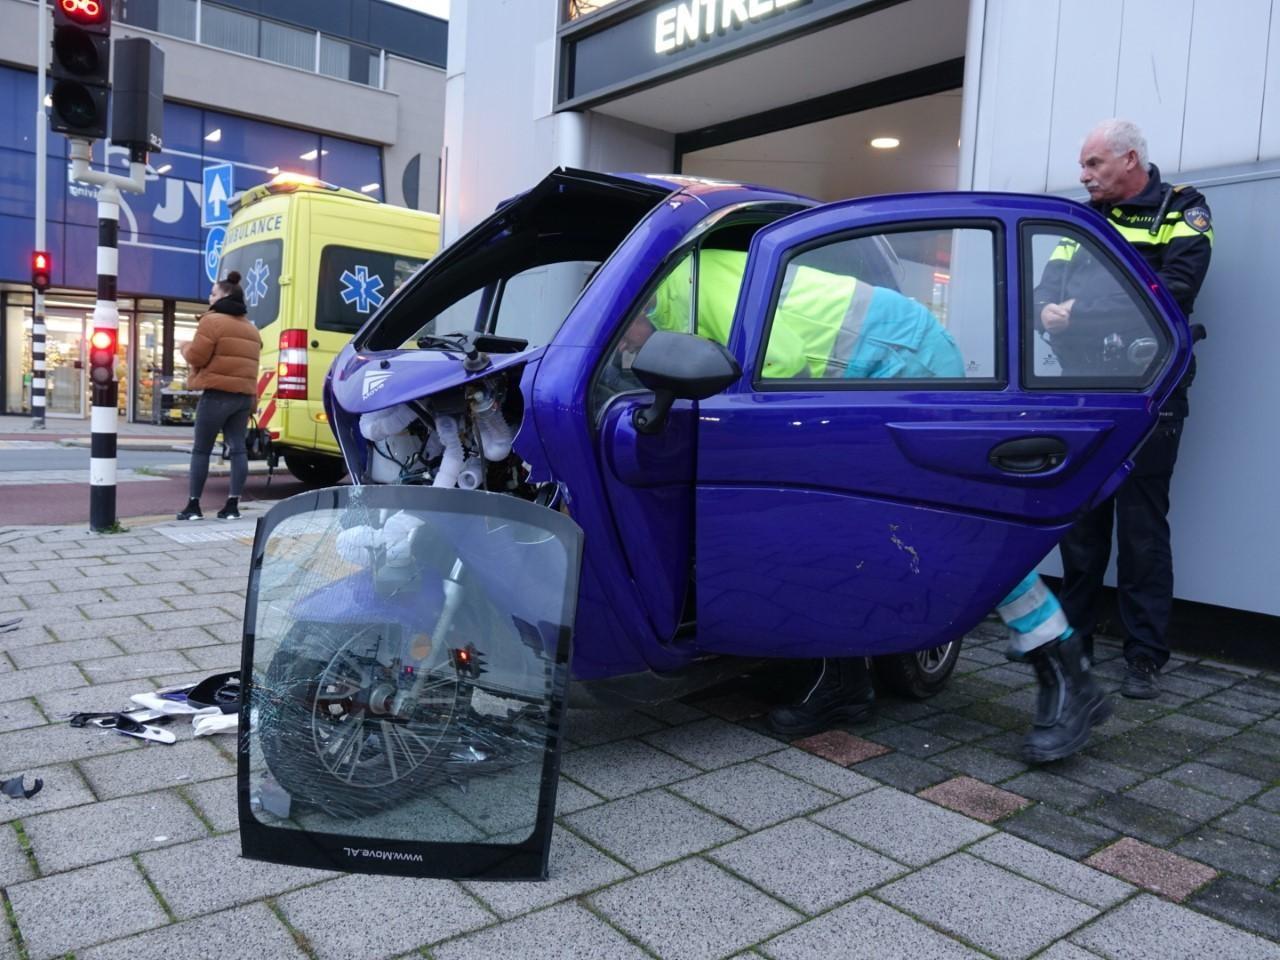 Elektrische trike botst tegen verkeerspaal in Alkmaar, bestuurder gewond - Noordhollands Dagblad